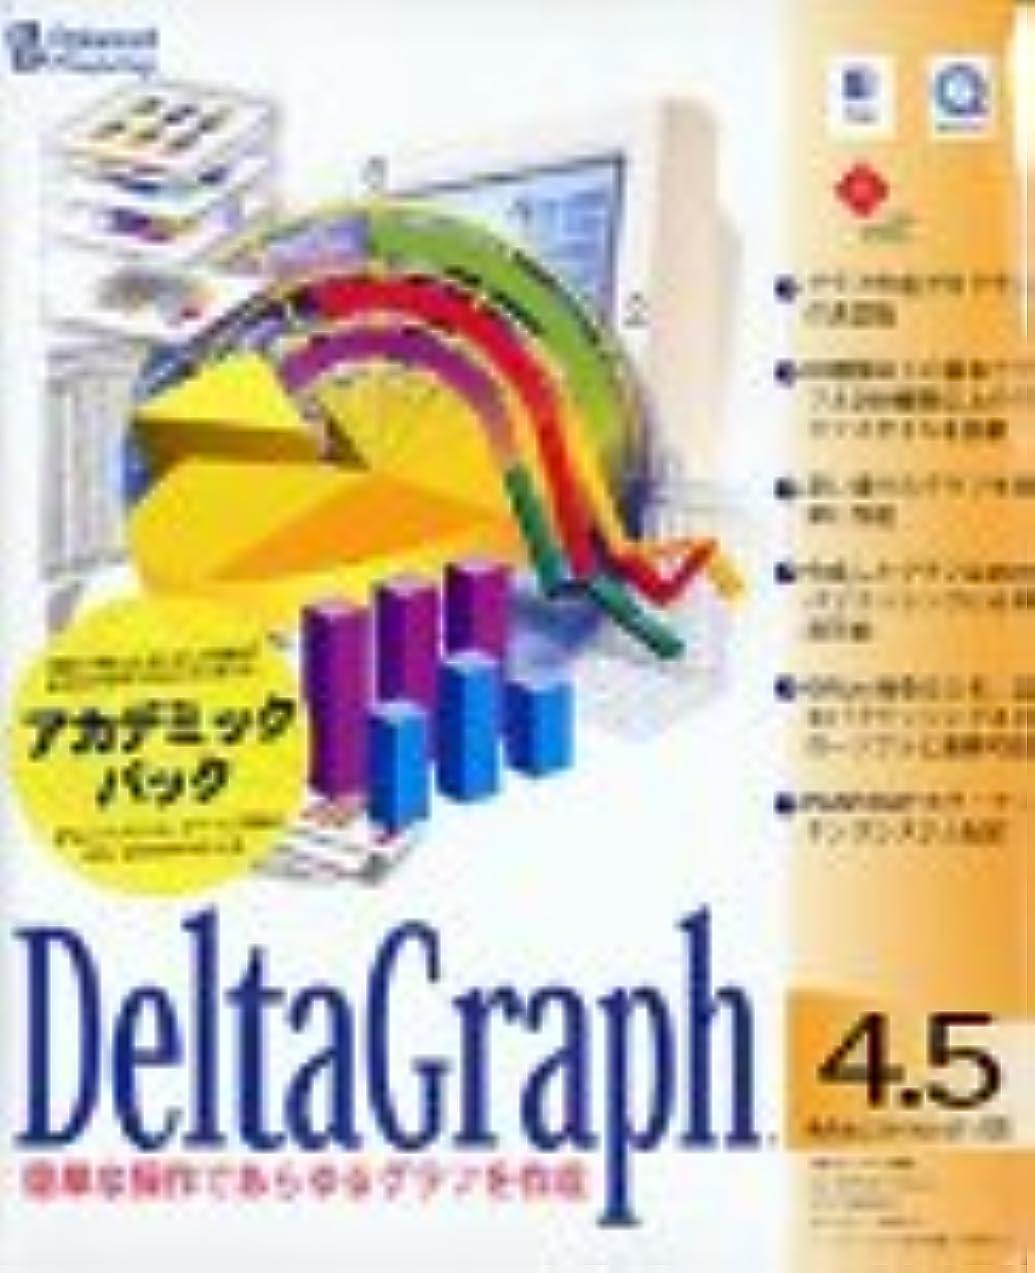 抑圧者威信不均一DeltaGraph 4.5 Macintosh 解説本 バンドル版 アカデミックパック